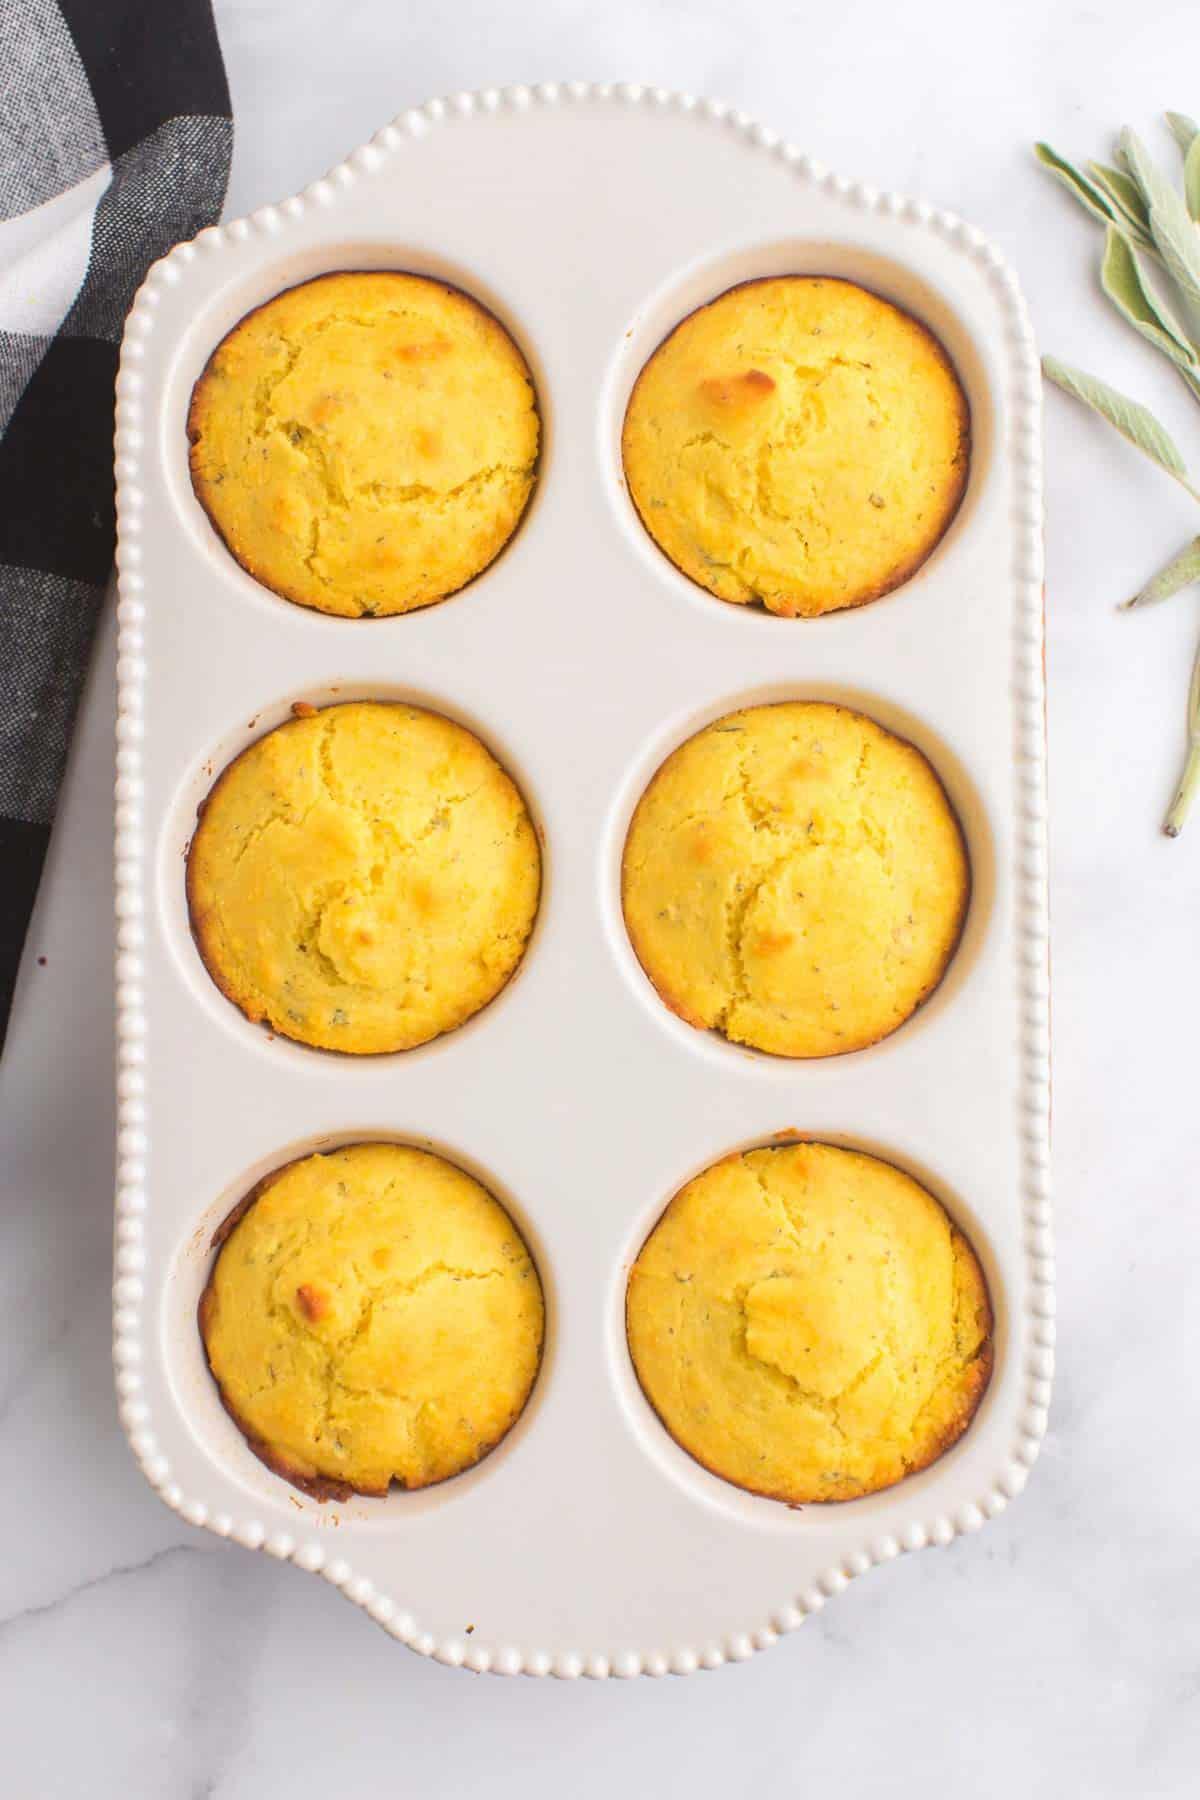 six corn muffins in a ceramic muffin pan